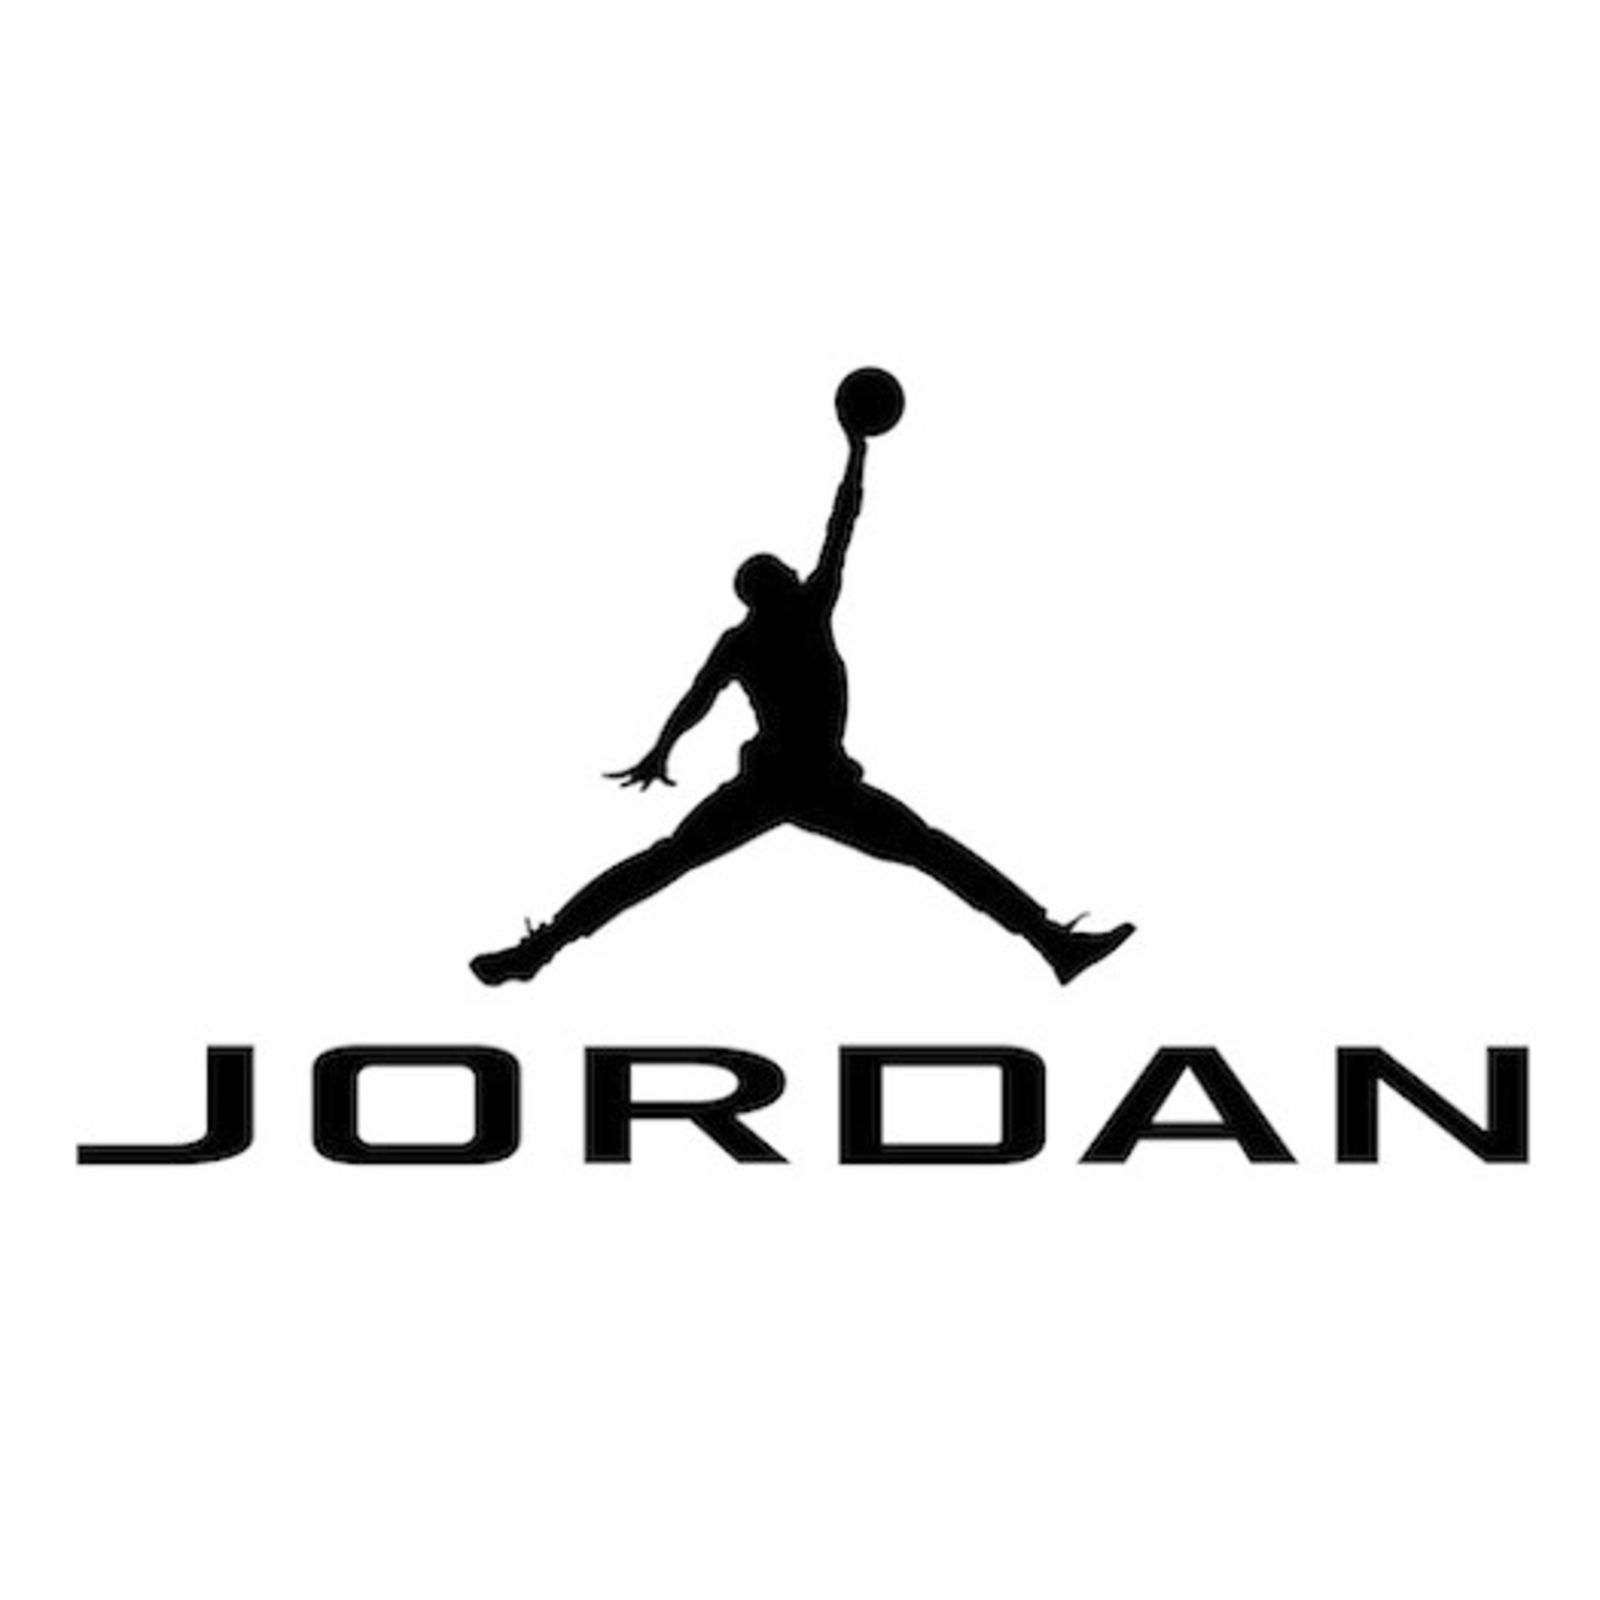 JORDAN (Image 1)